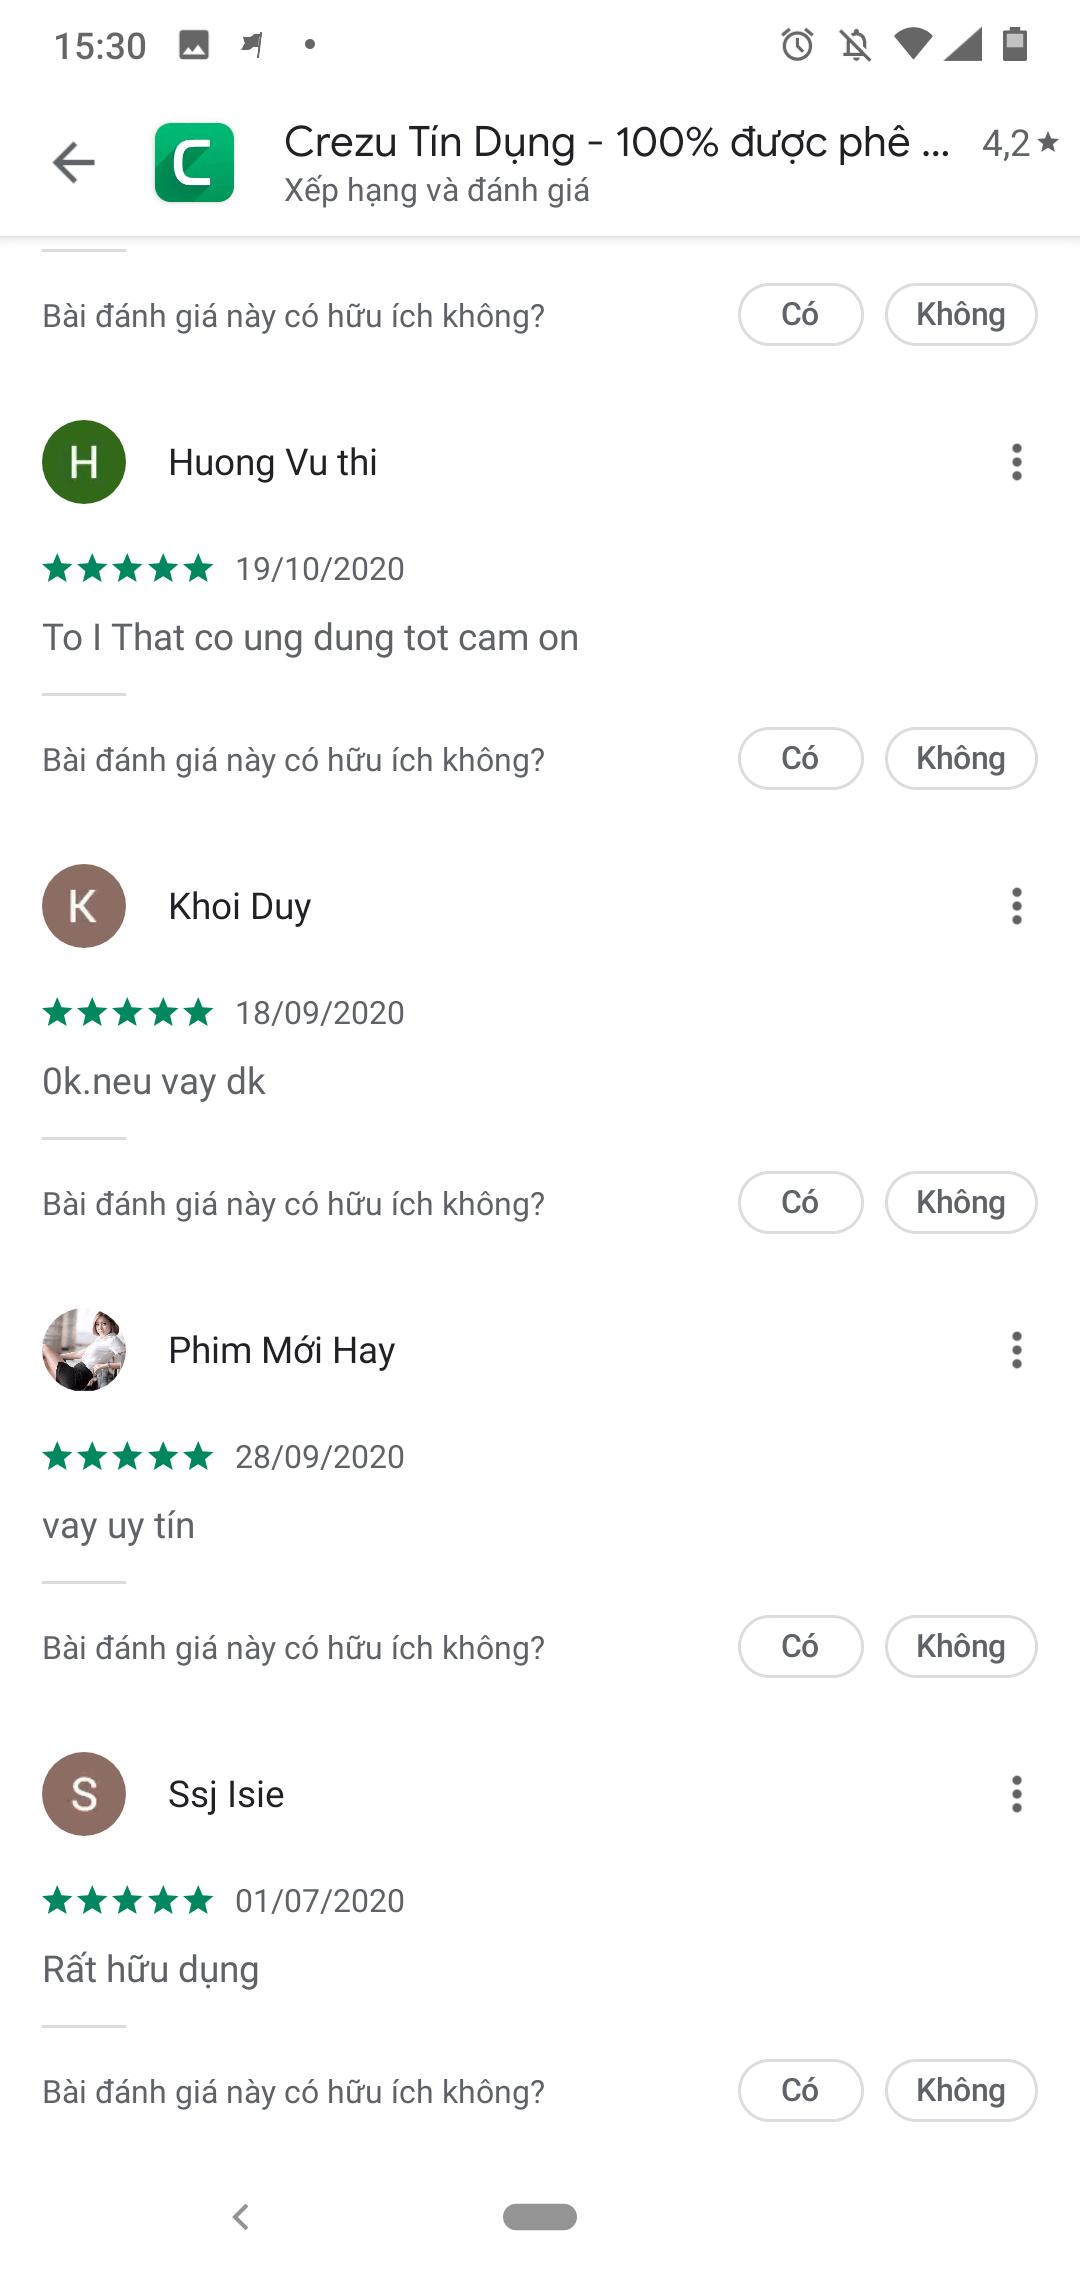 Một số đánh giá của người dùng Crezu